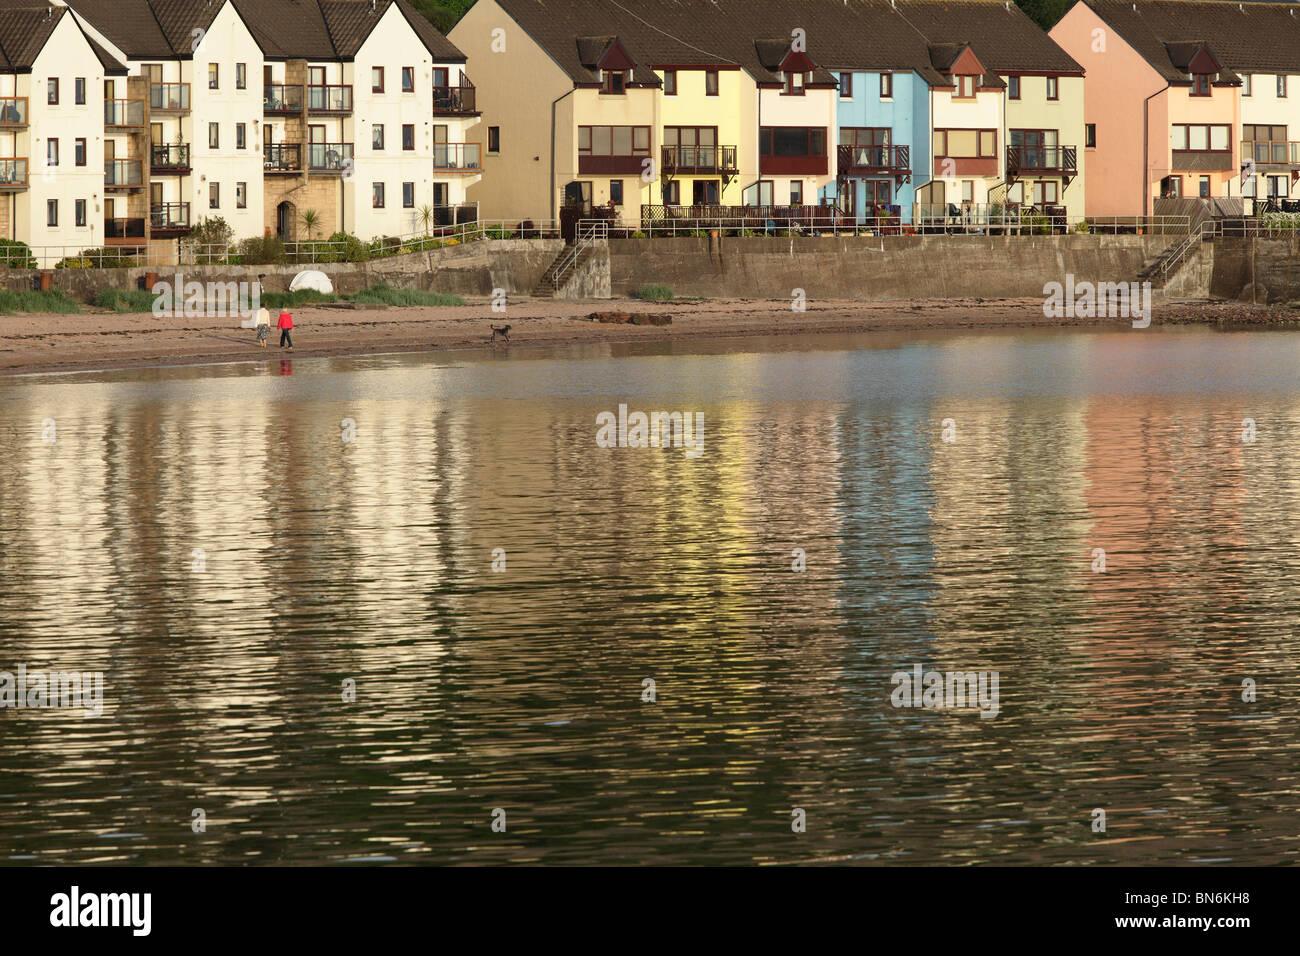 Fairlie, village sur le sentier côtier d'Ayrshire à côté du Firth of Clyde, North Ayrshire, Écosse, Royaume-Uni Banque D'Images